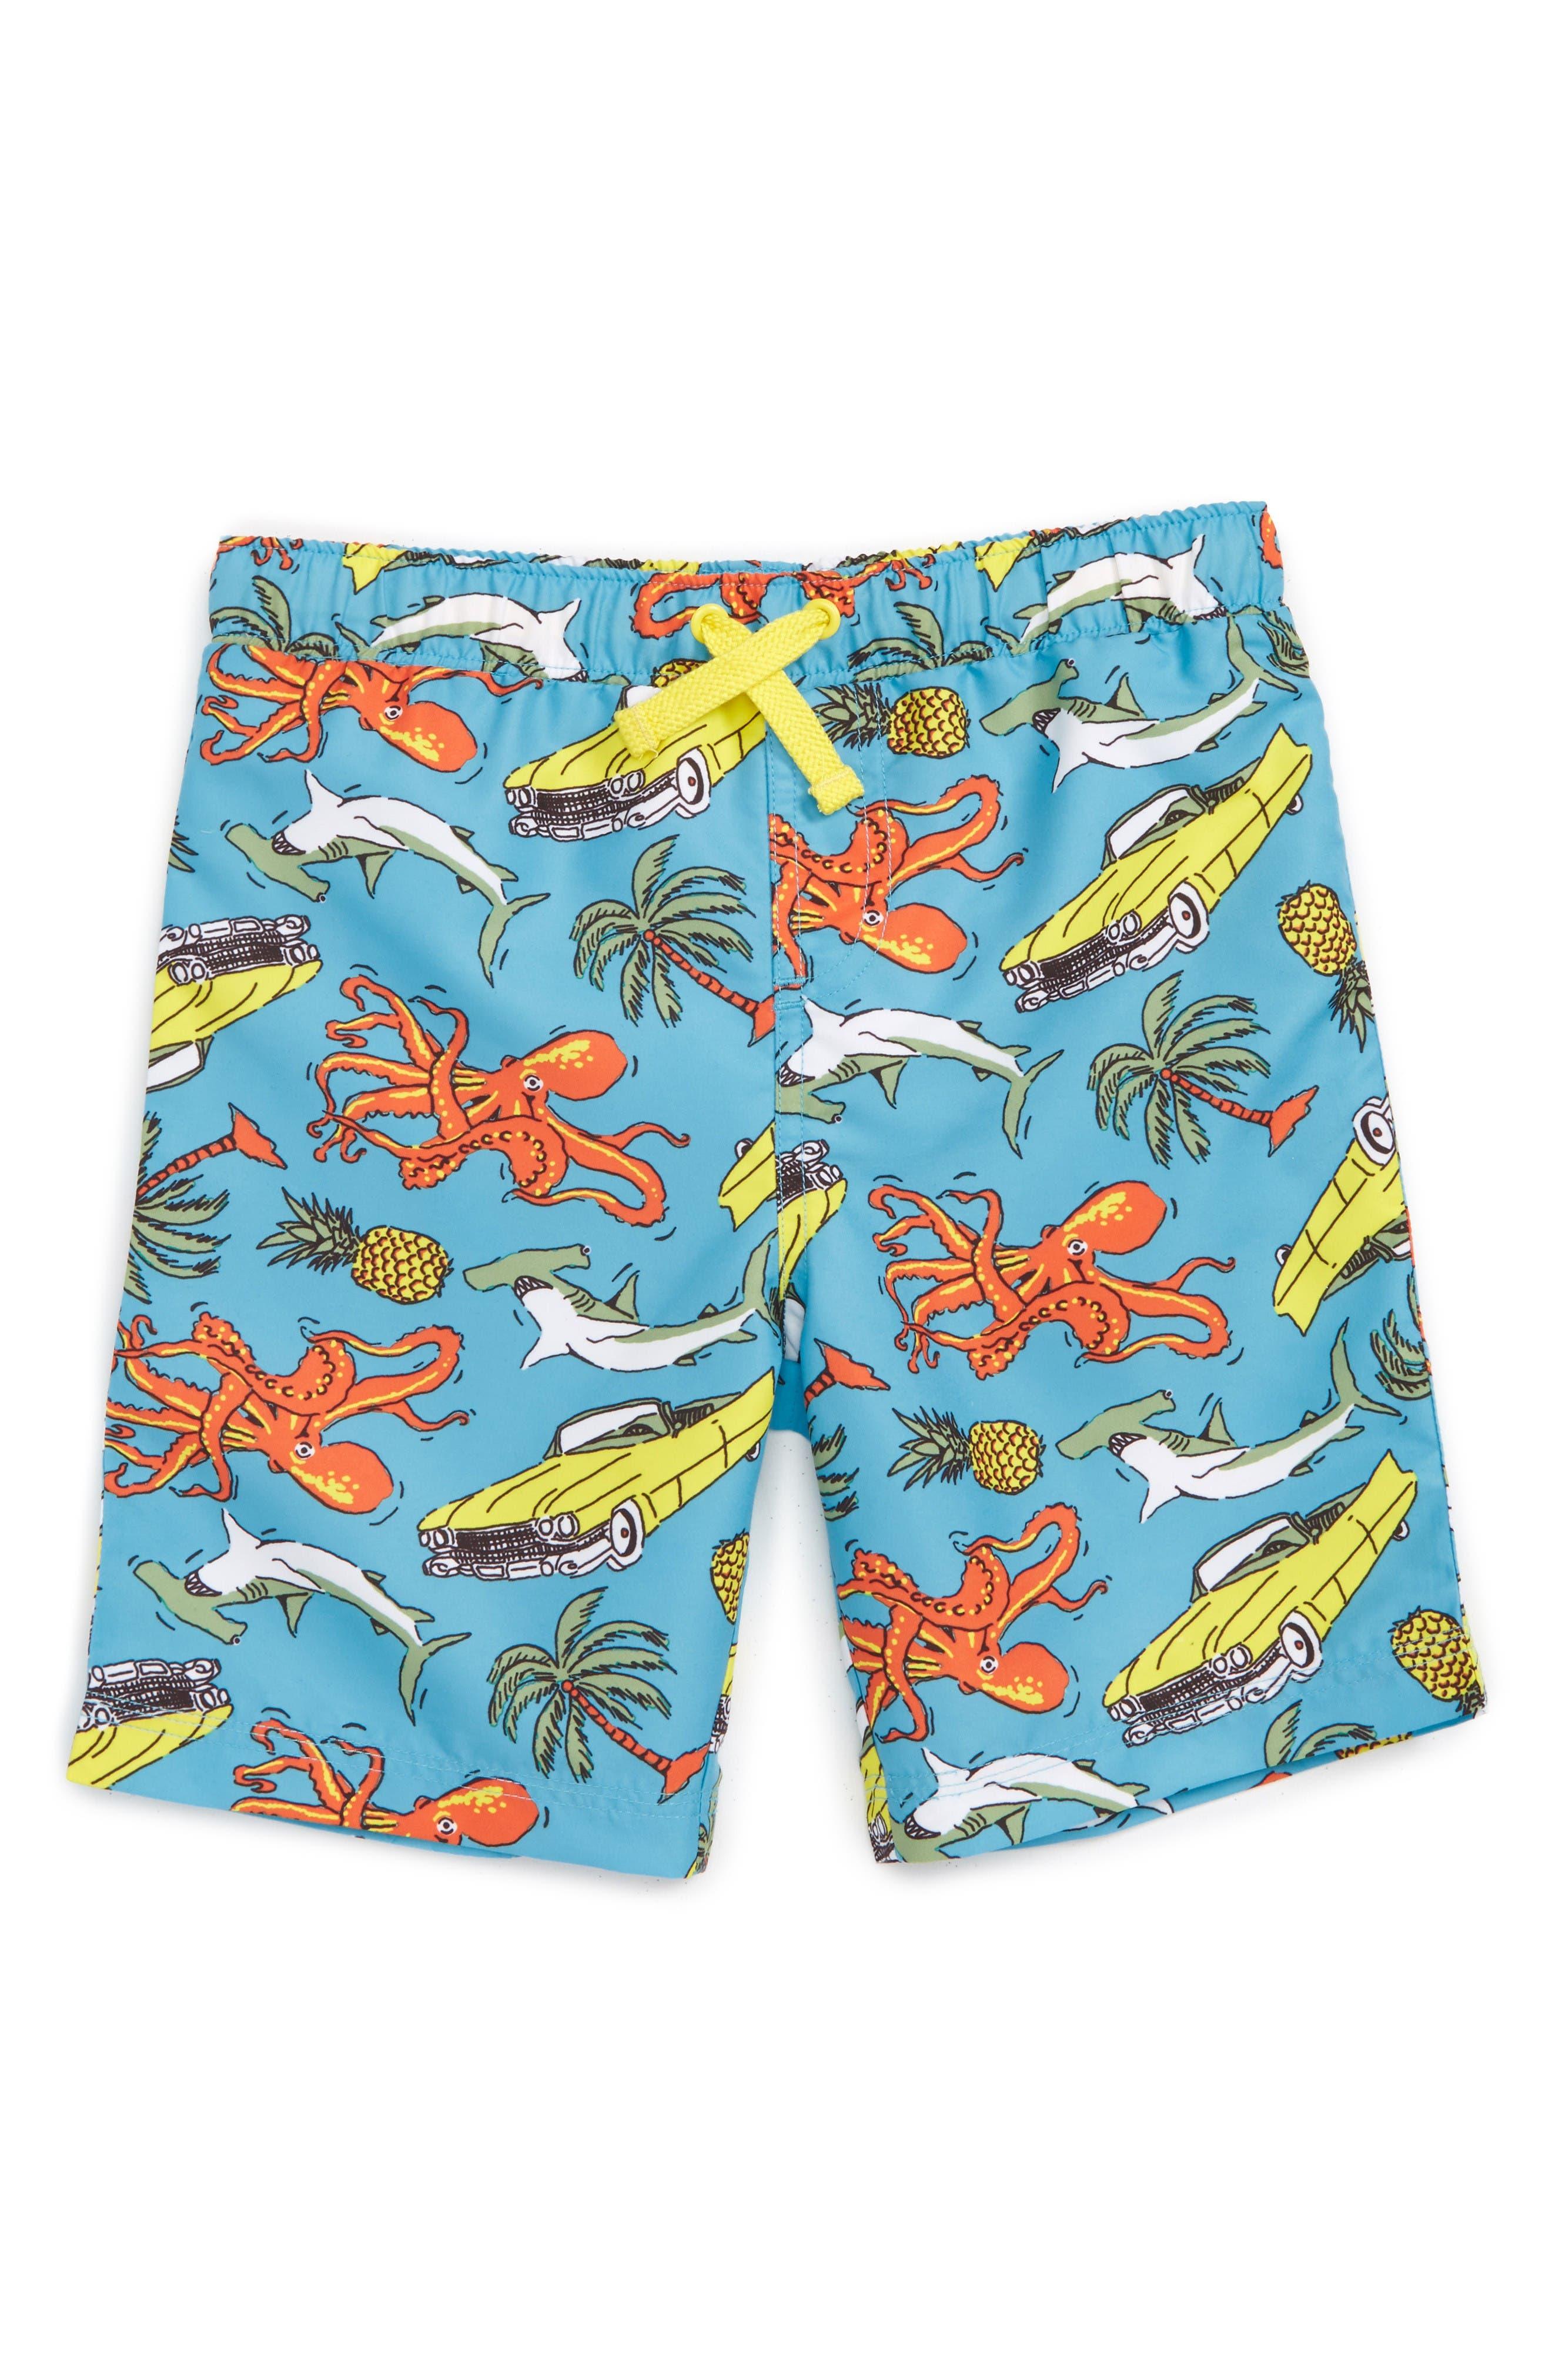 Main Image - Tucker + Tate 'Sand 'N My Trunks' Swim Trunks (Toddler Boys & Little Boys)